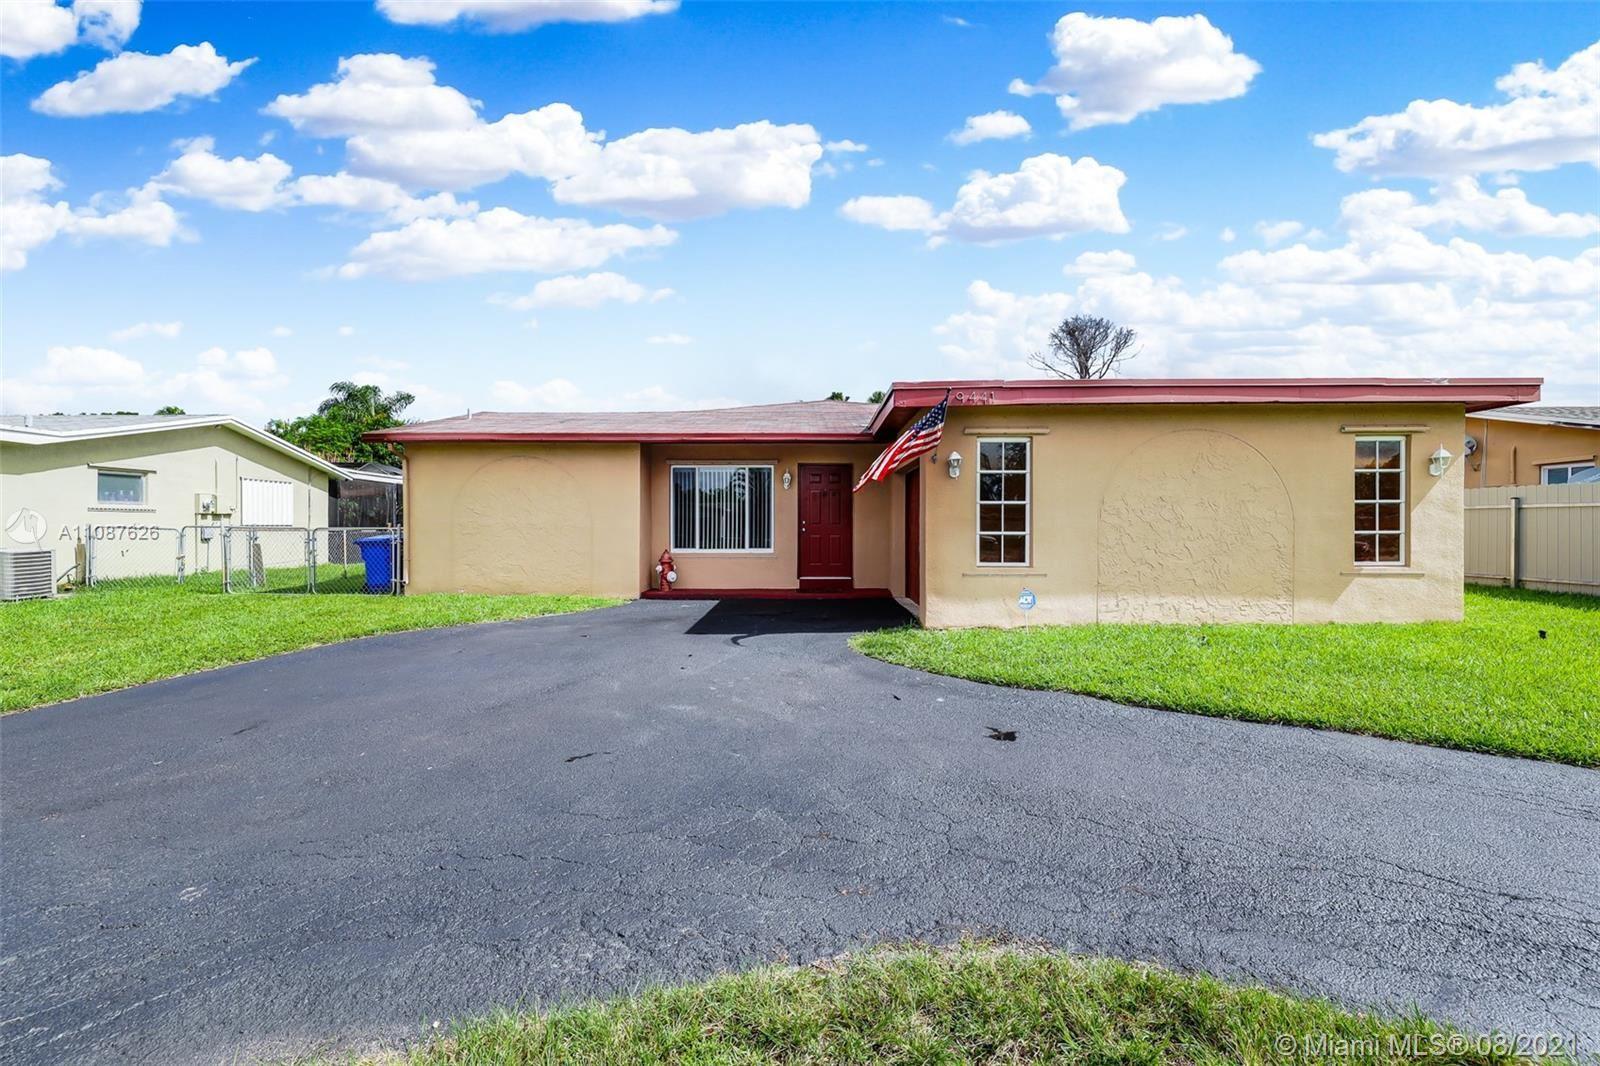 9441 Johnson St, Pembroke Pines, FL 33024 - #: A11087626